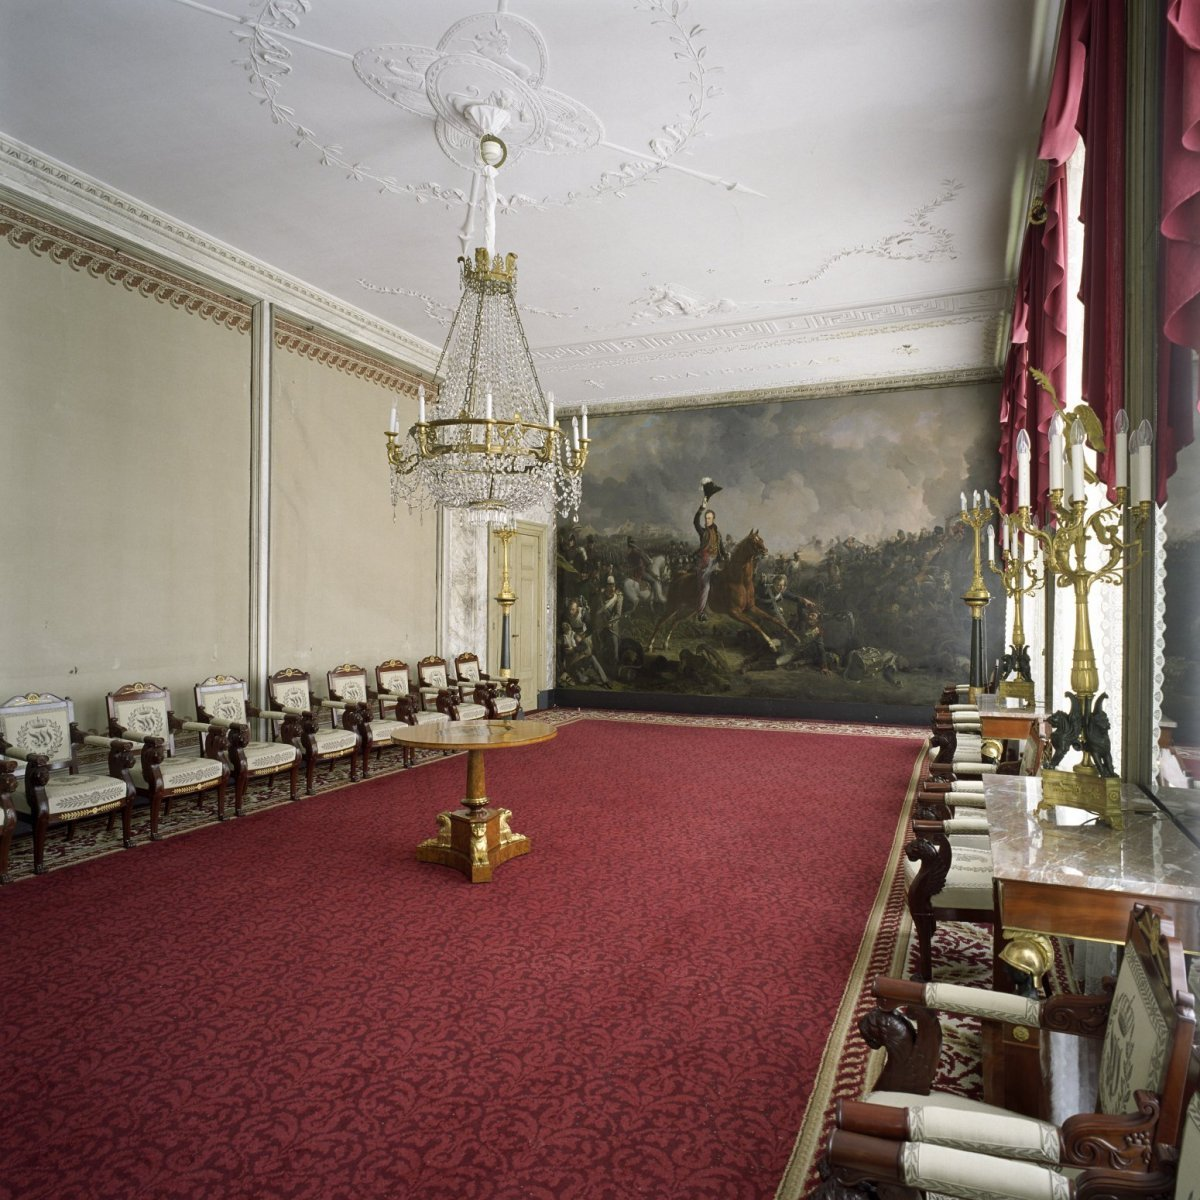 File:Interieur, overzicht van de Waterloozaal met schilderij ...